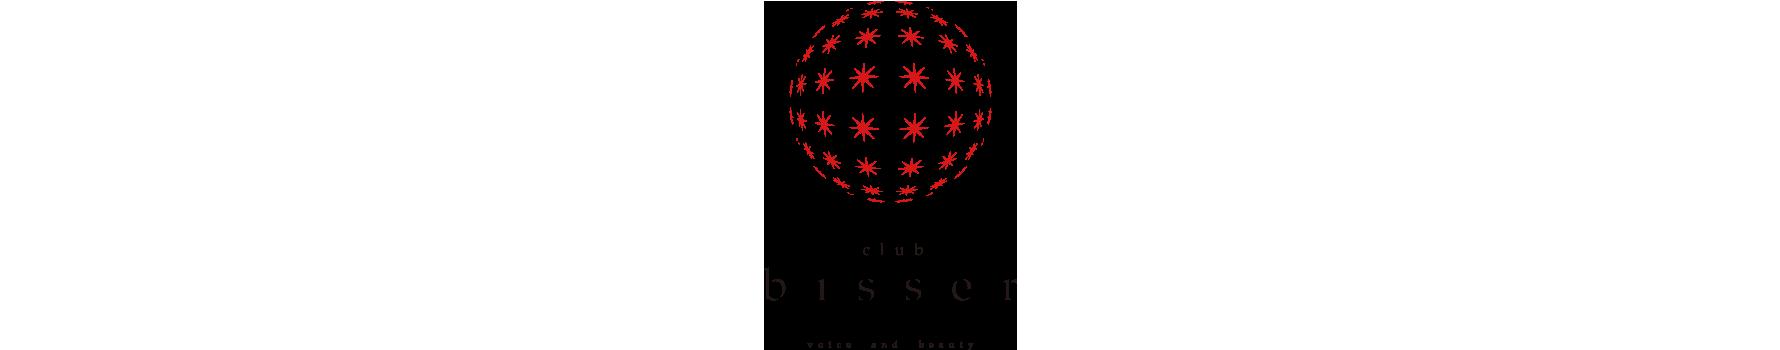 ビゼ六本木【ビゼロッポンギ】(六本木)のロゴ